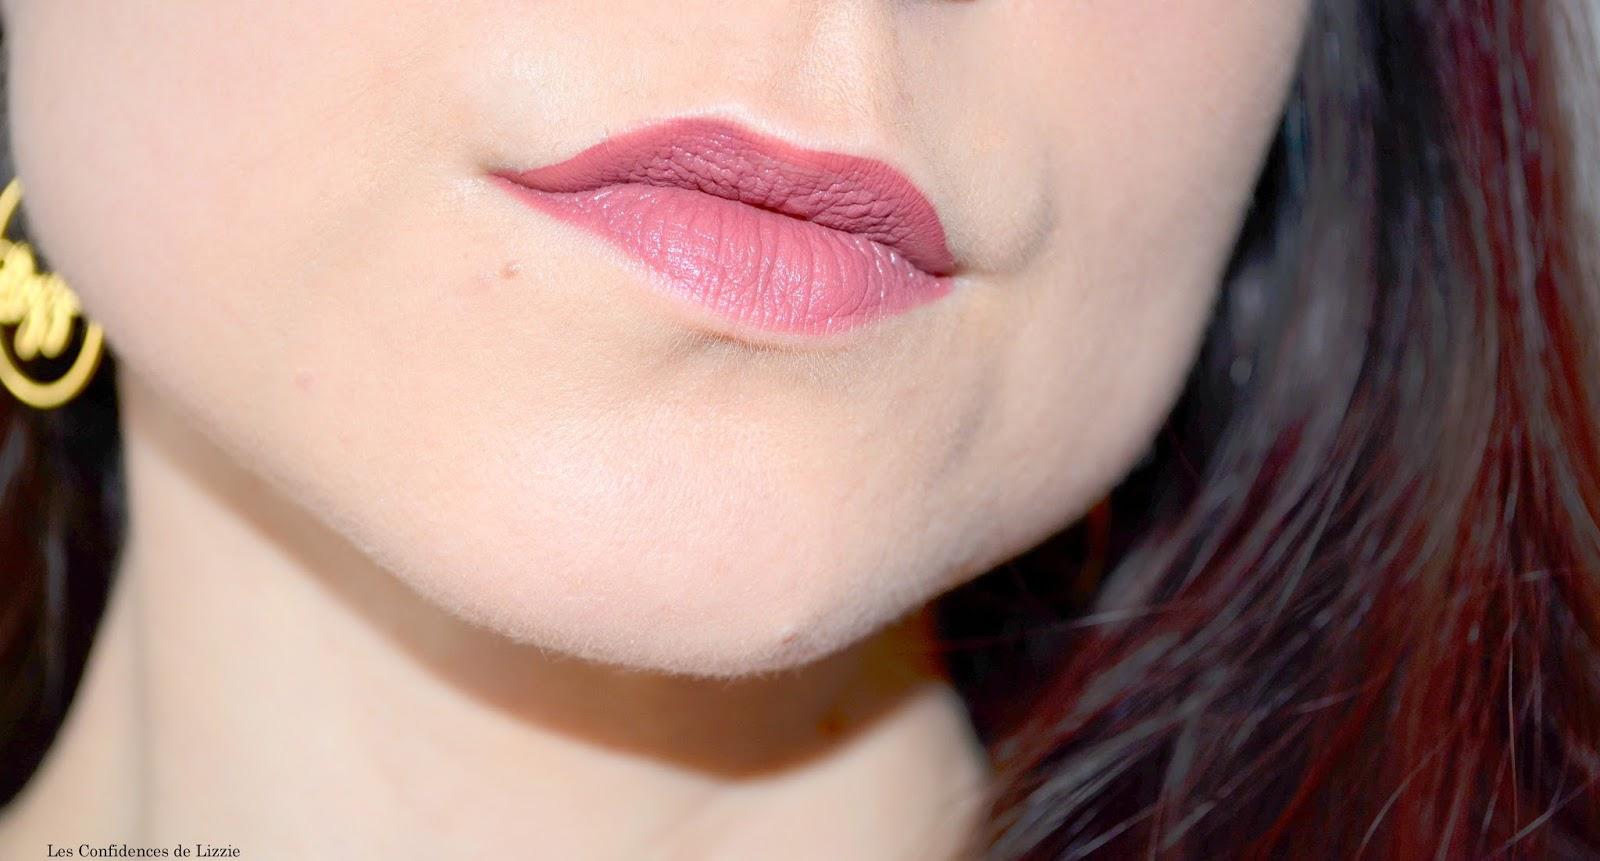 rouge à lèvres - rouges à lèvres liquide - rouge à lèvres semi mat - fini opaque - fini brillant - maquillage